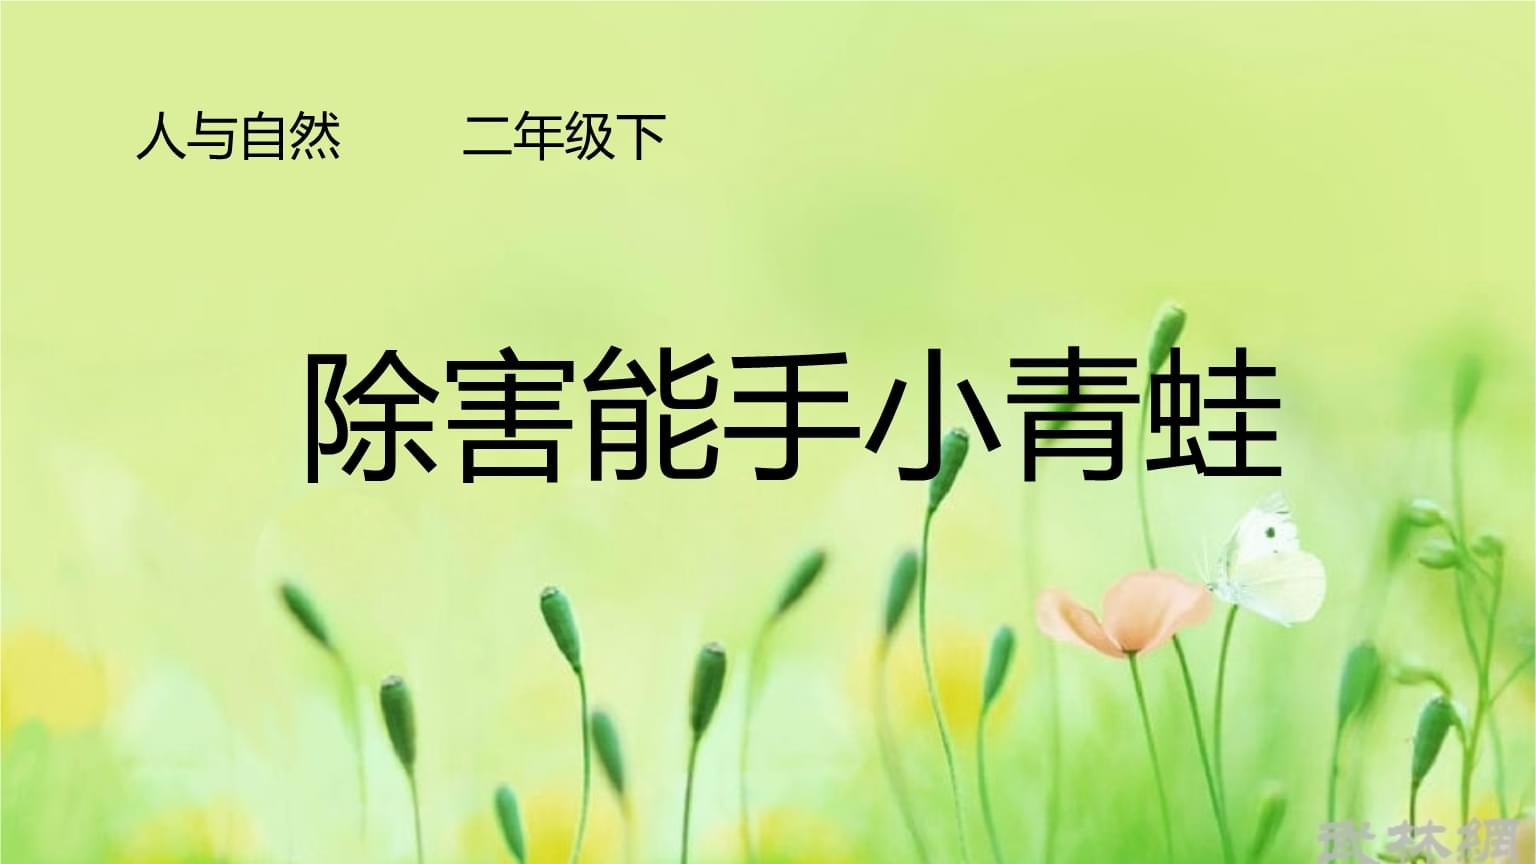 小学综合实践活动《会服务活动  2.争当集体劳动小能手》赛课课件_5.pptx